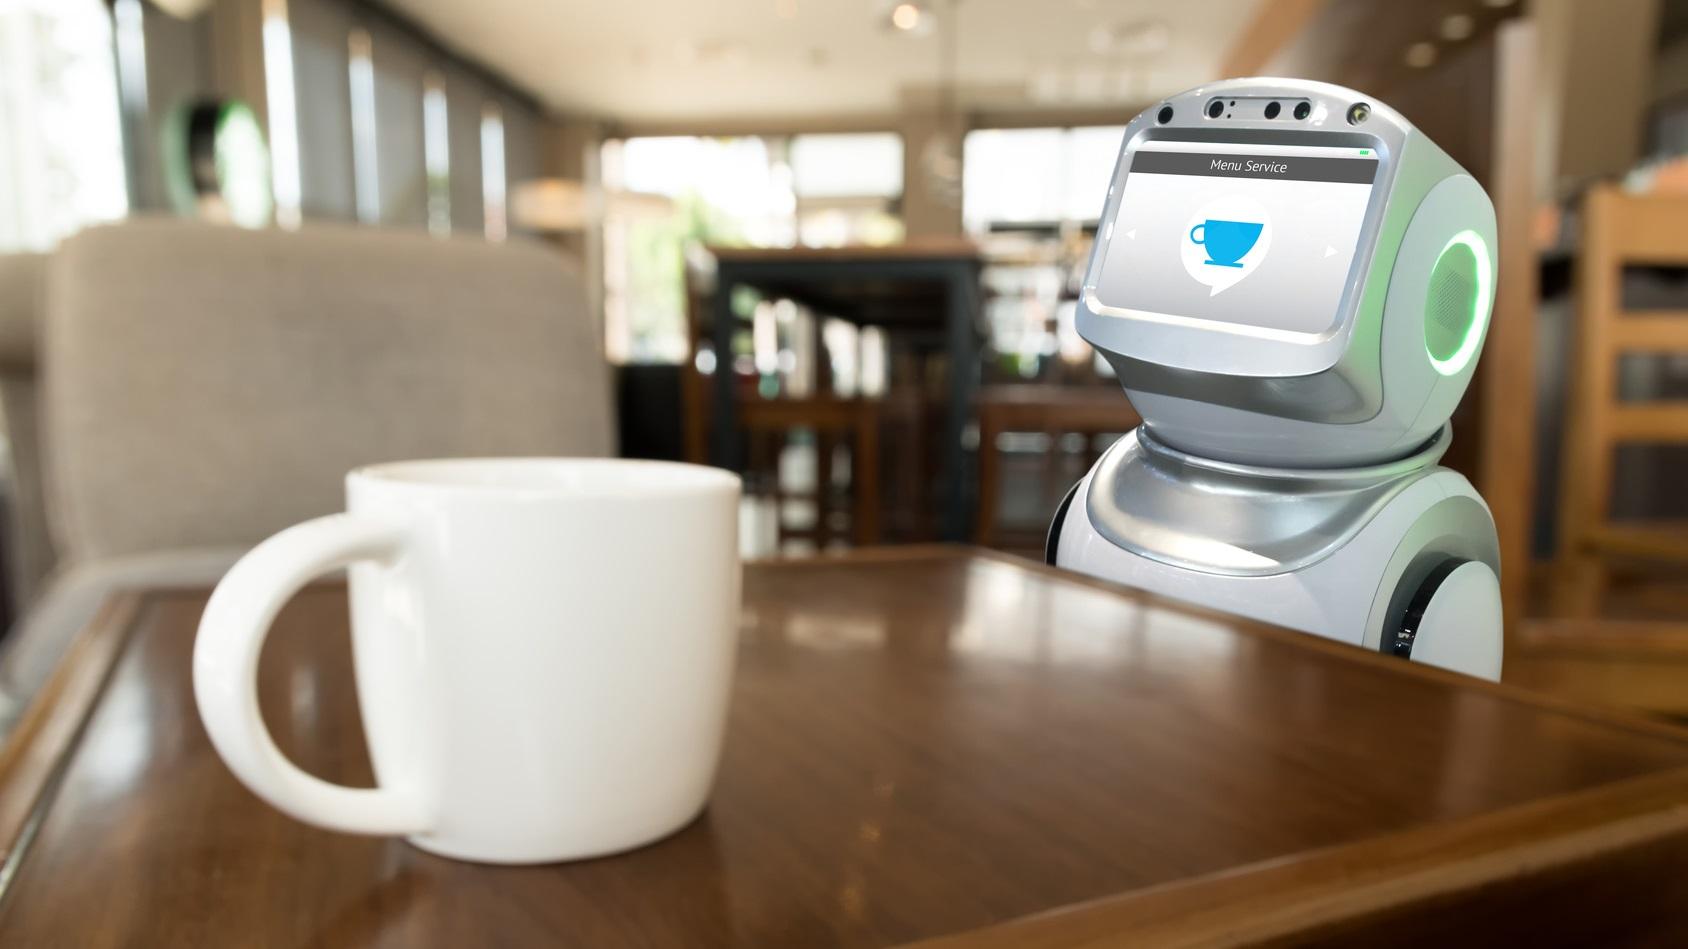 Kawa przyszłości